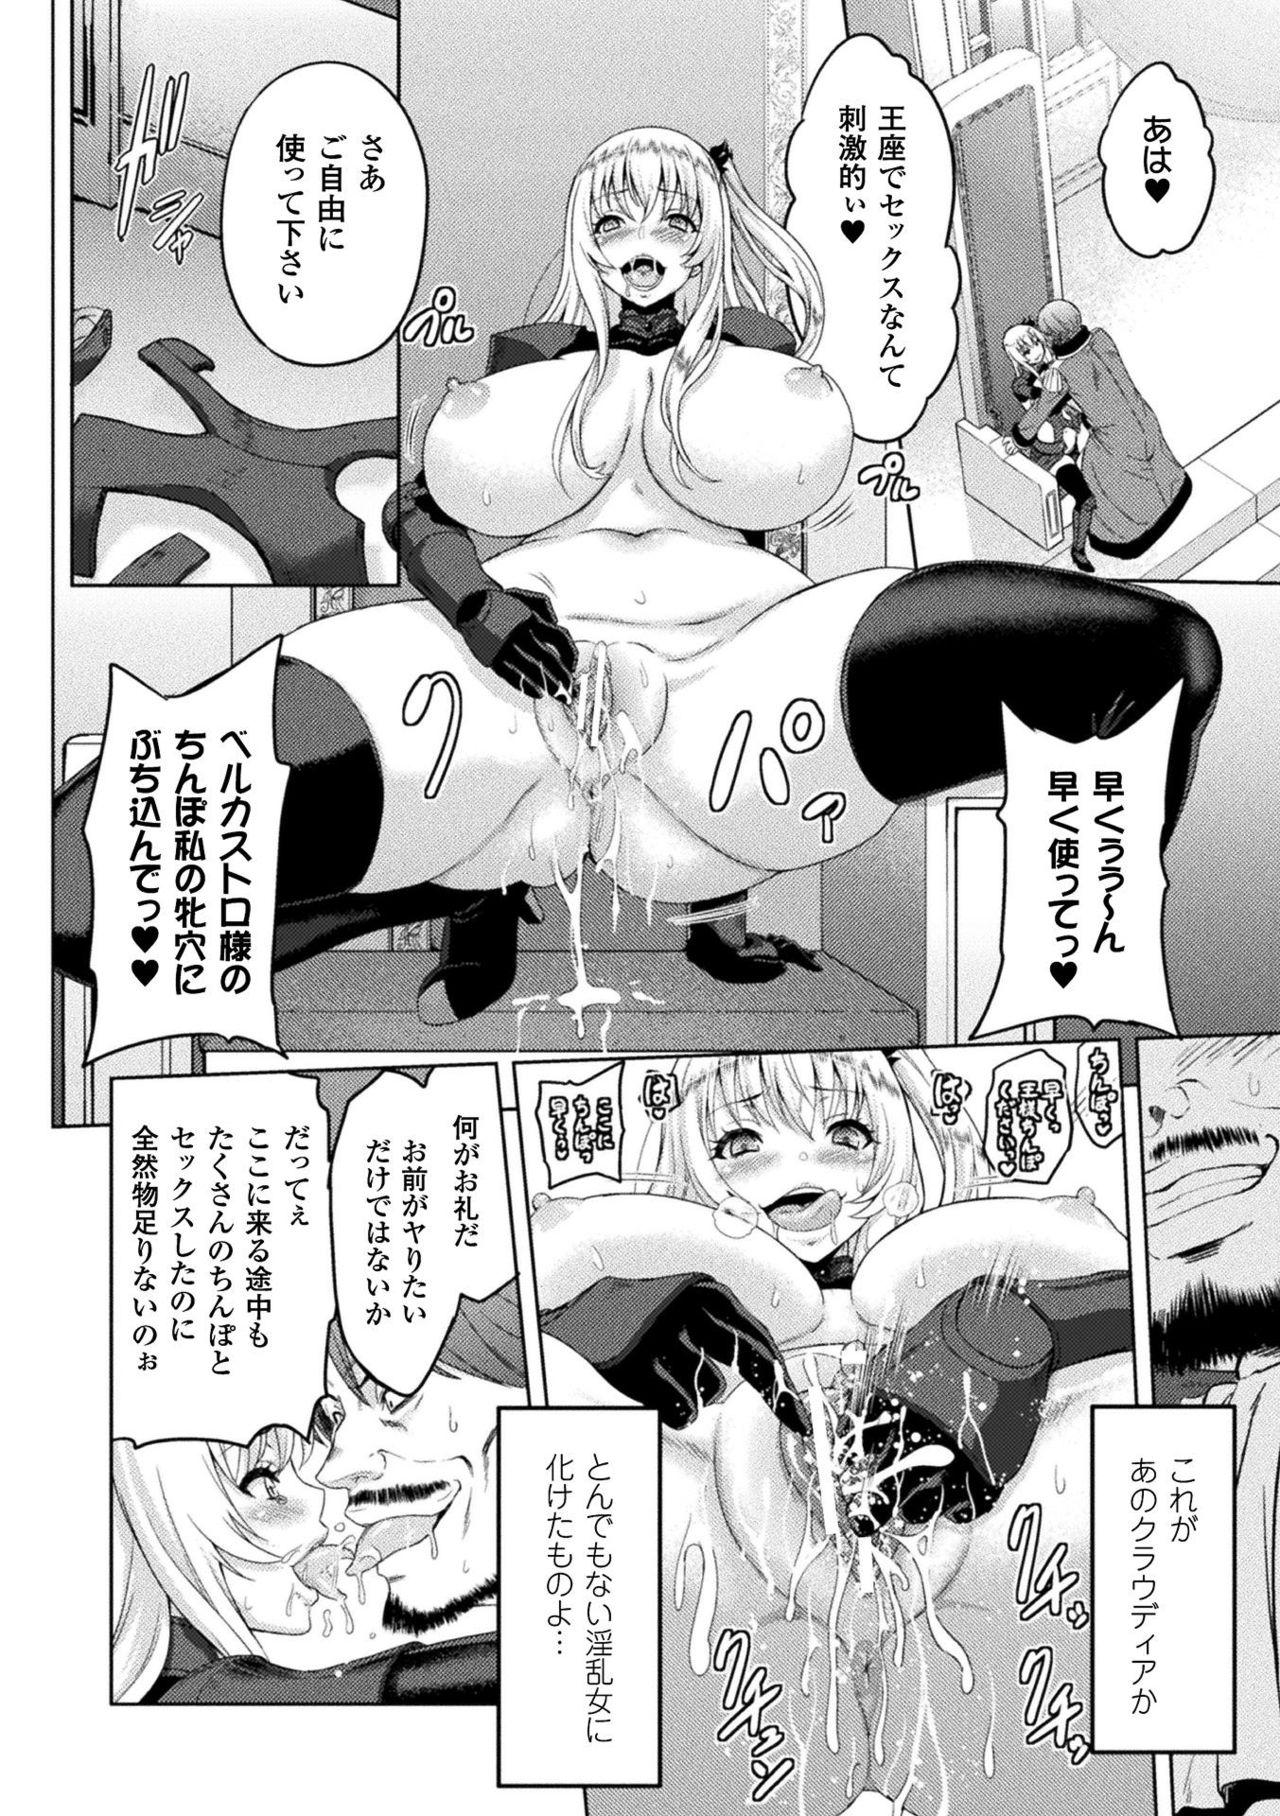 ERONA Orc no Inmon ni Okasareta Onna Kishi no Matsuro 81